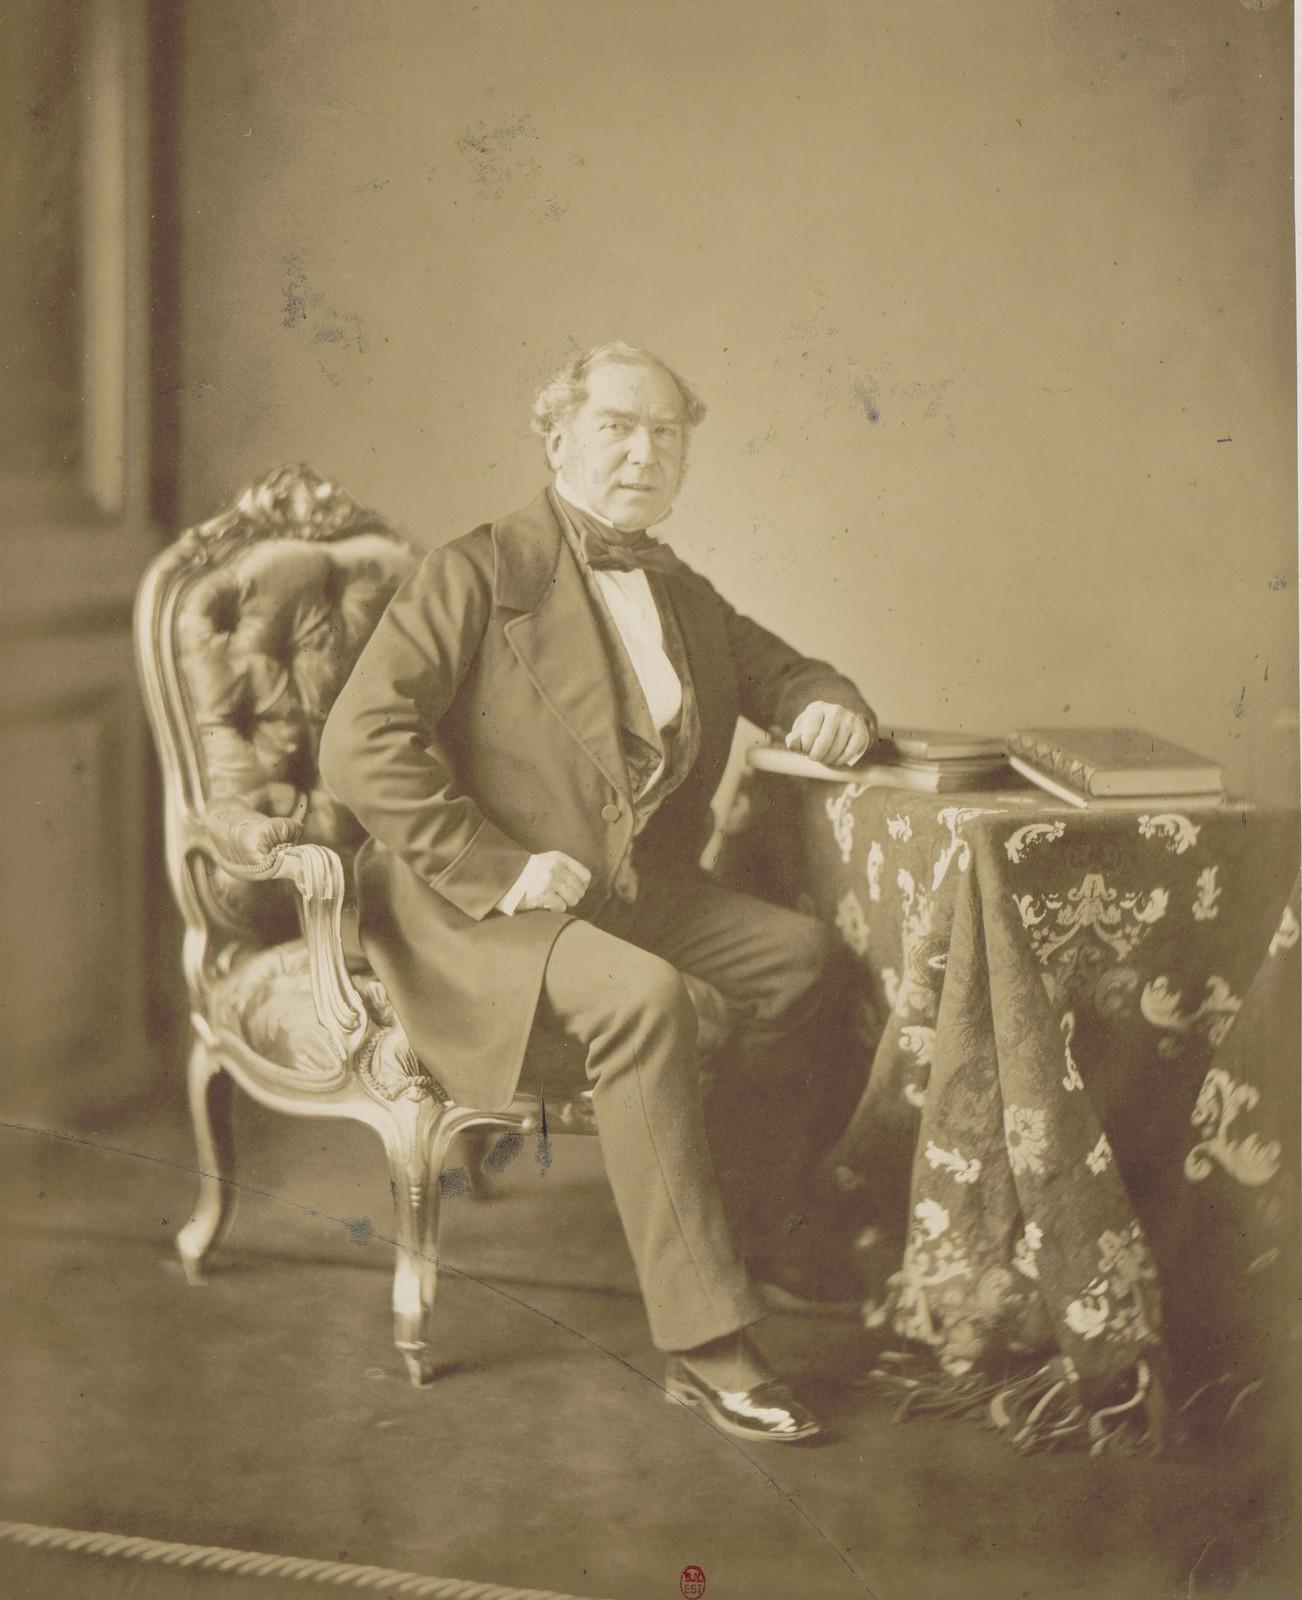 02. Барон Франсуа-Адольф де Буркенэ, второй уполномоченный Франции на Парижском конгрессе, посол Франции в Вене